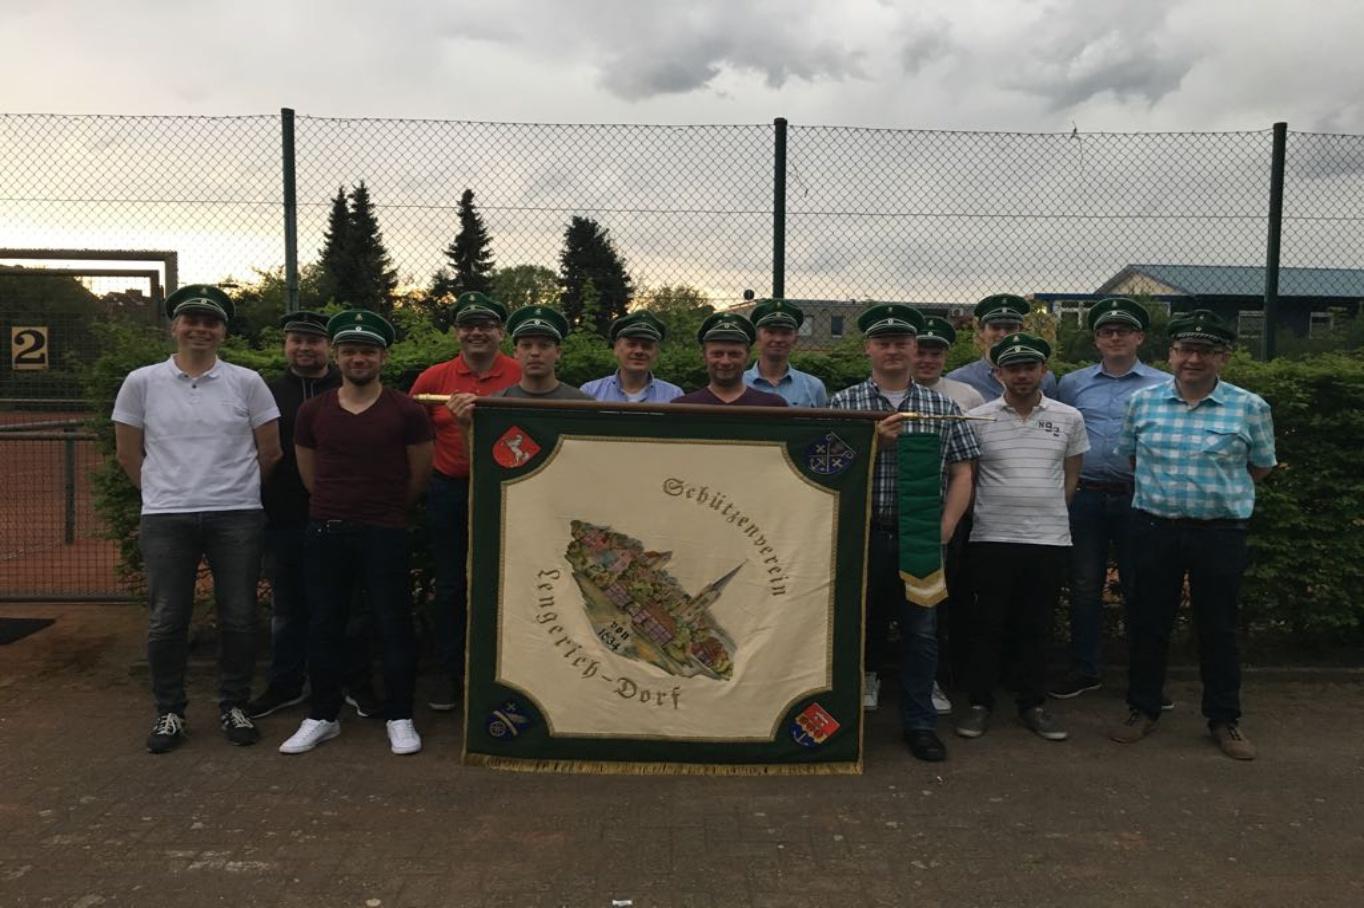 Offiziere und Funktioner 2018